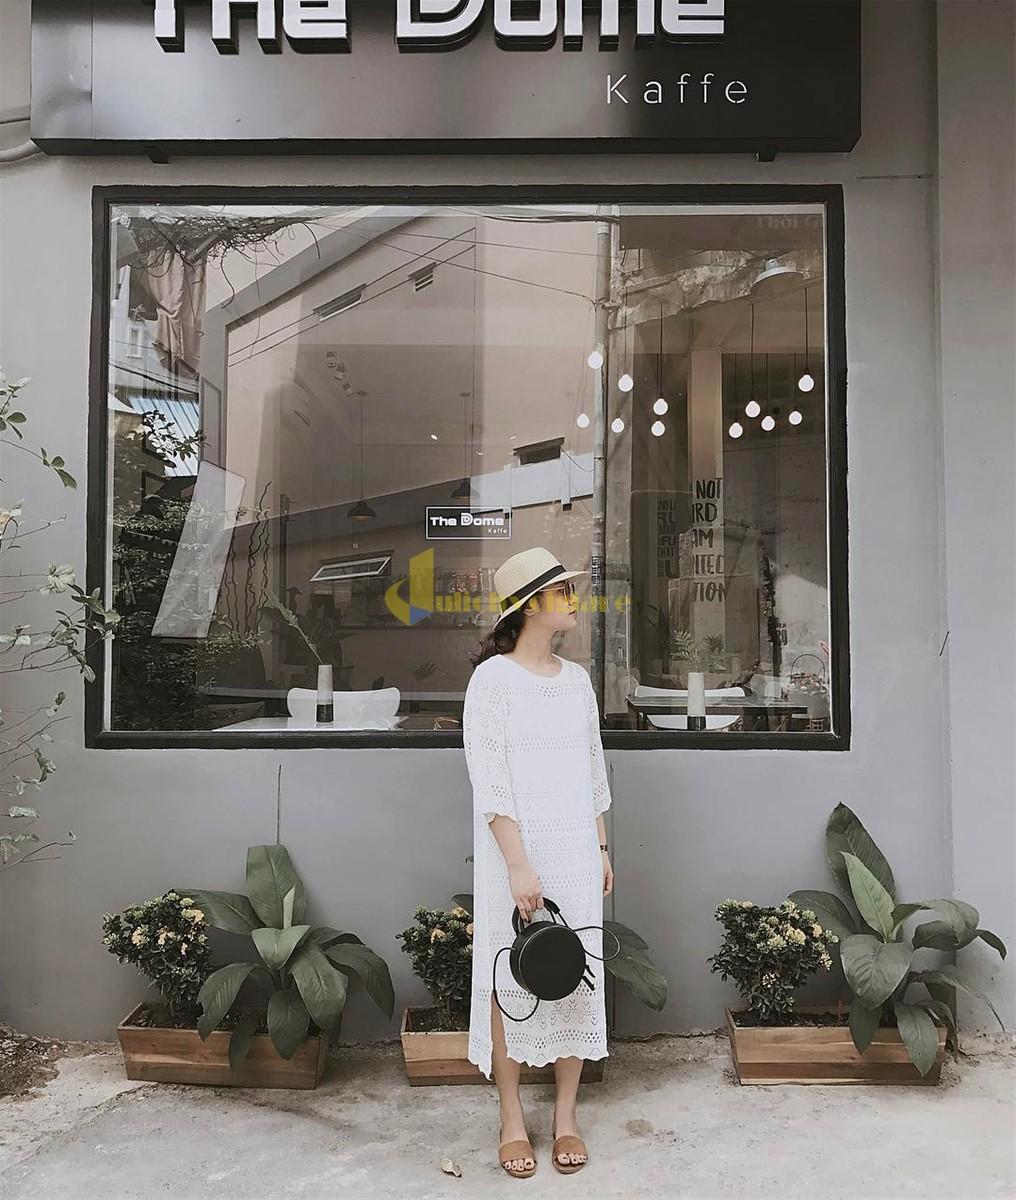 18160304_1467585486595825_6514053323044159488_n Check in ngay 9 quán cà phê đẹp ở Sài Gòn đang là địa điểm sống ảo hot nhất hiện nay.